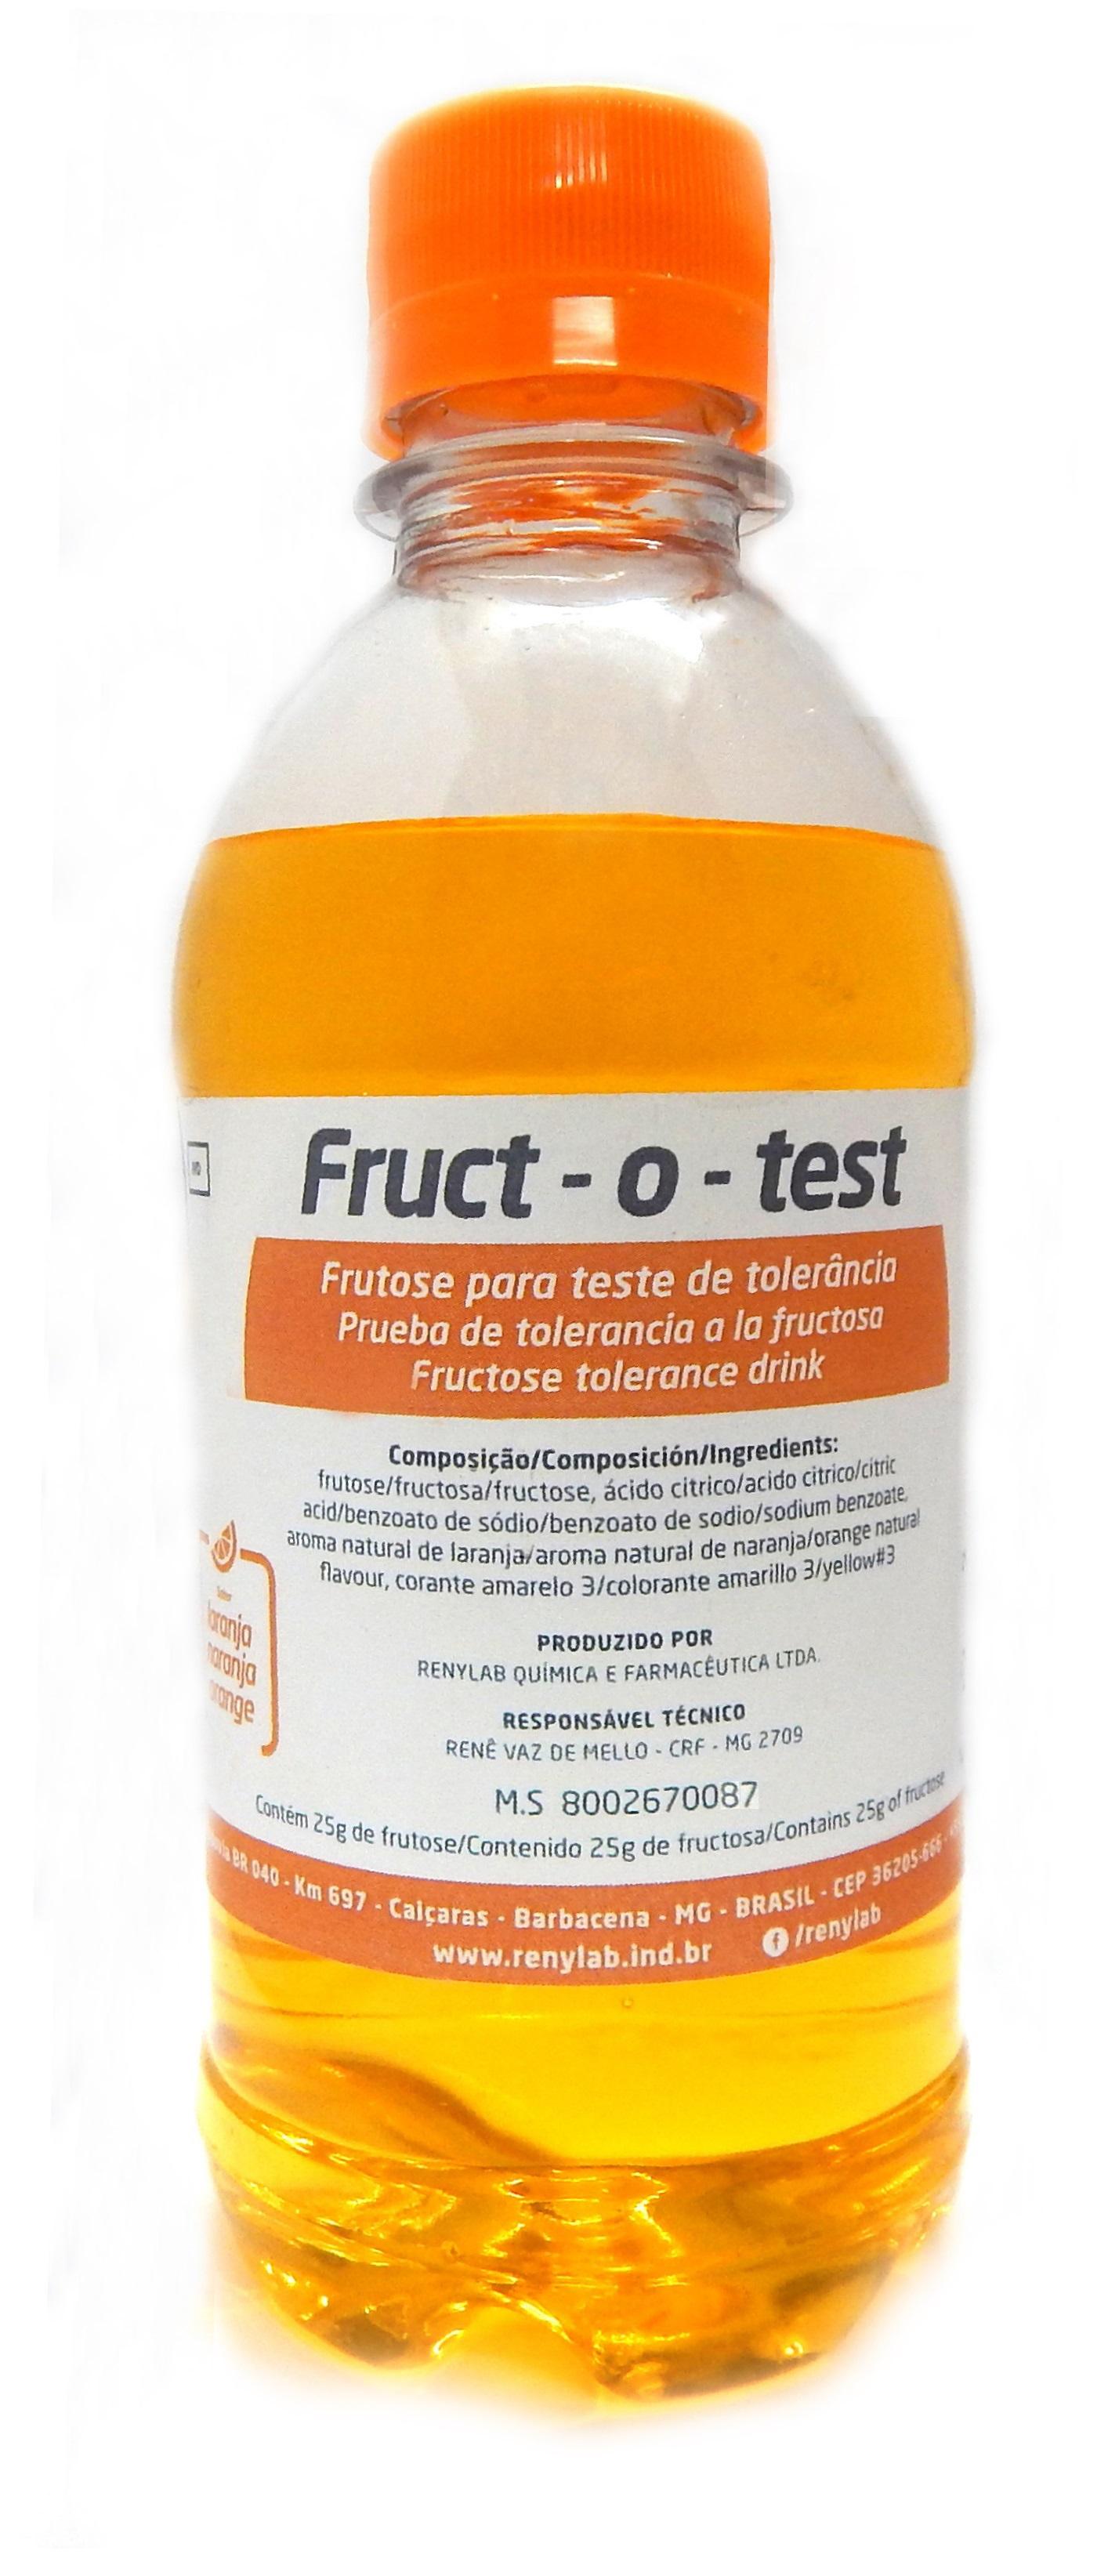 Fruct-o-test® 50g (Solução de Frutose)